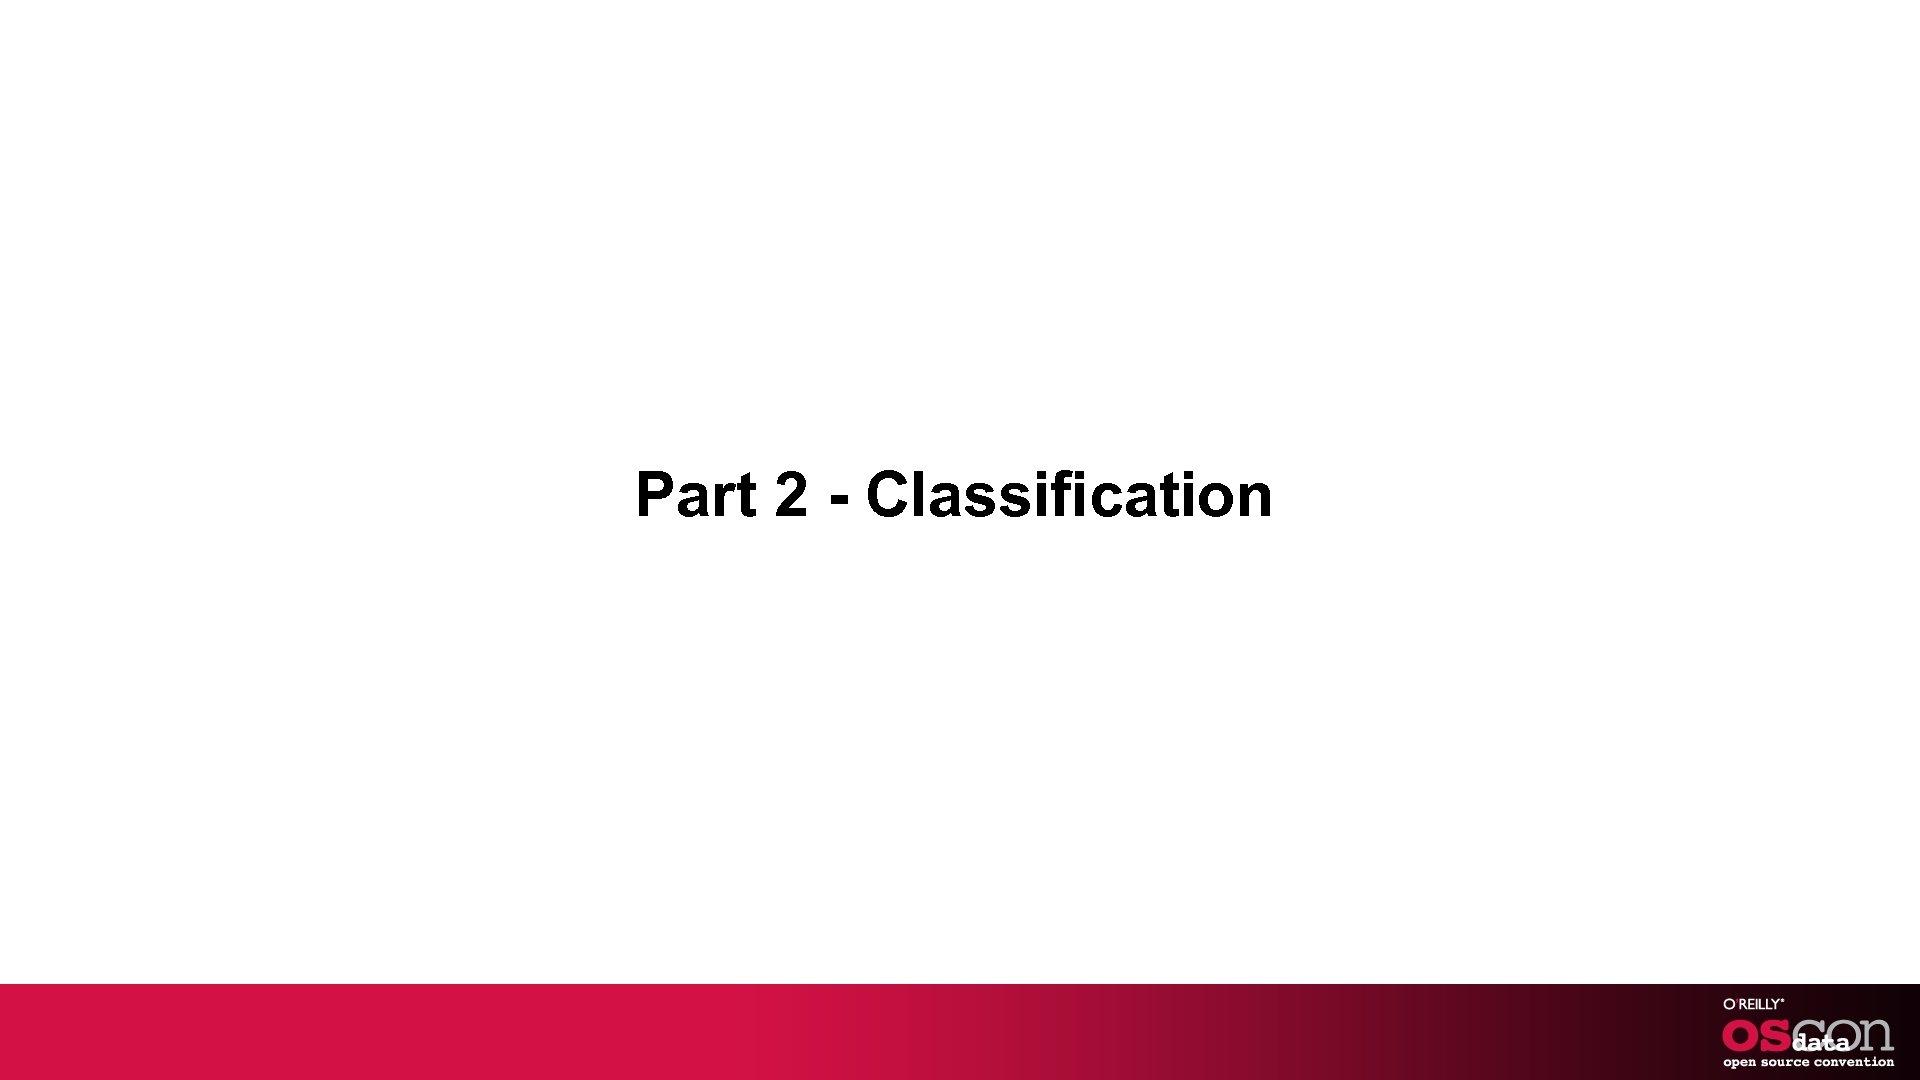 Part 2 - Classification